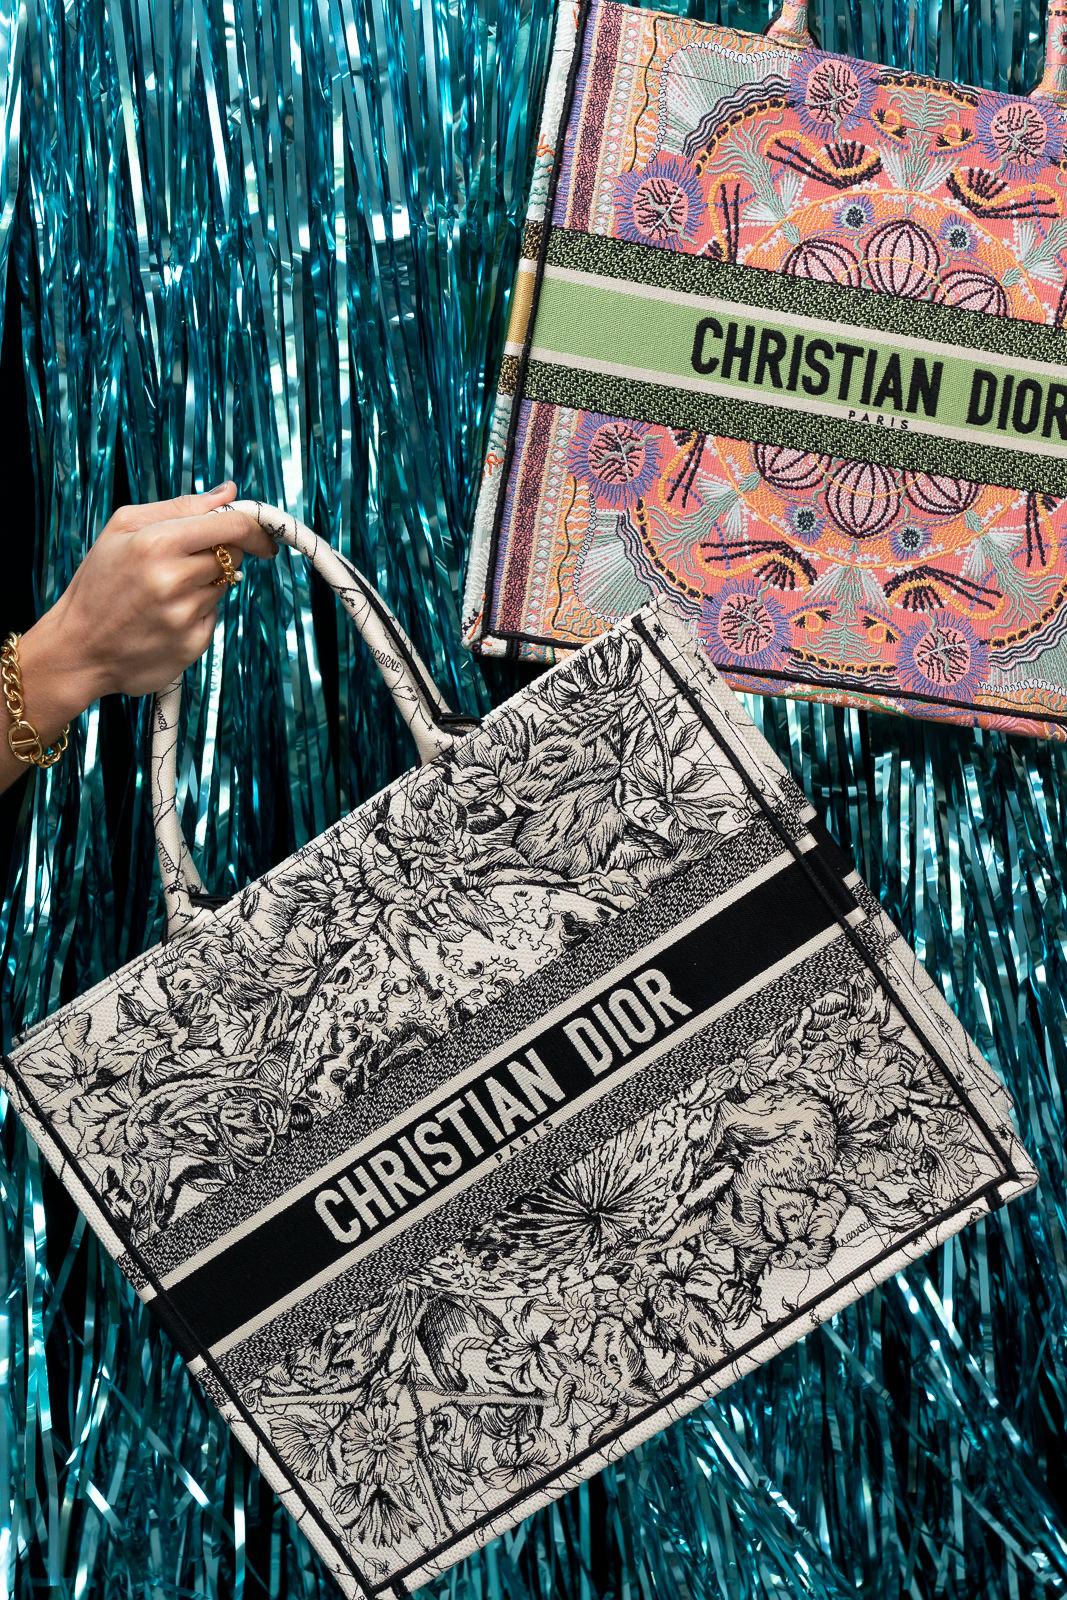 Dior Book Tote in Latte Multicolor & Dior Zodiac Embroidery